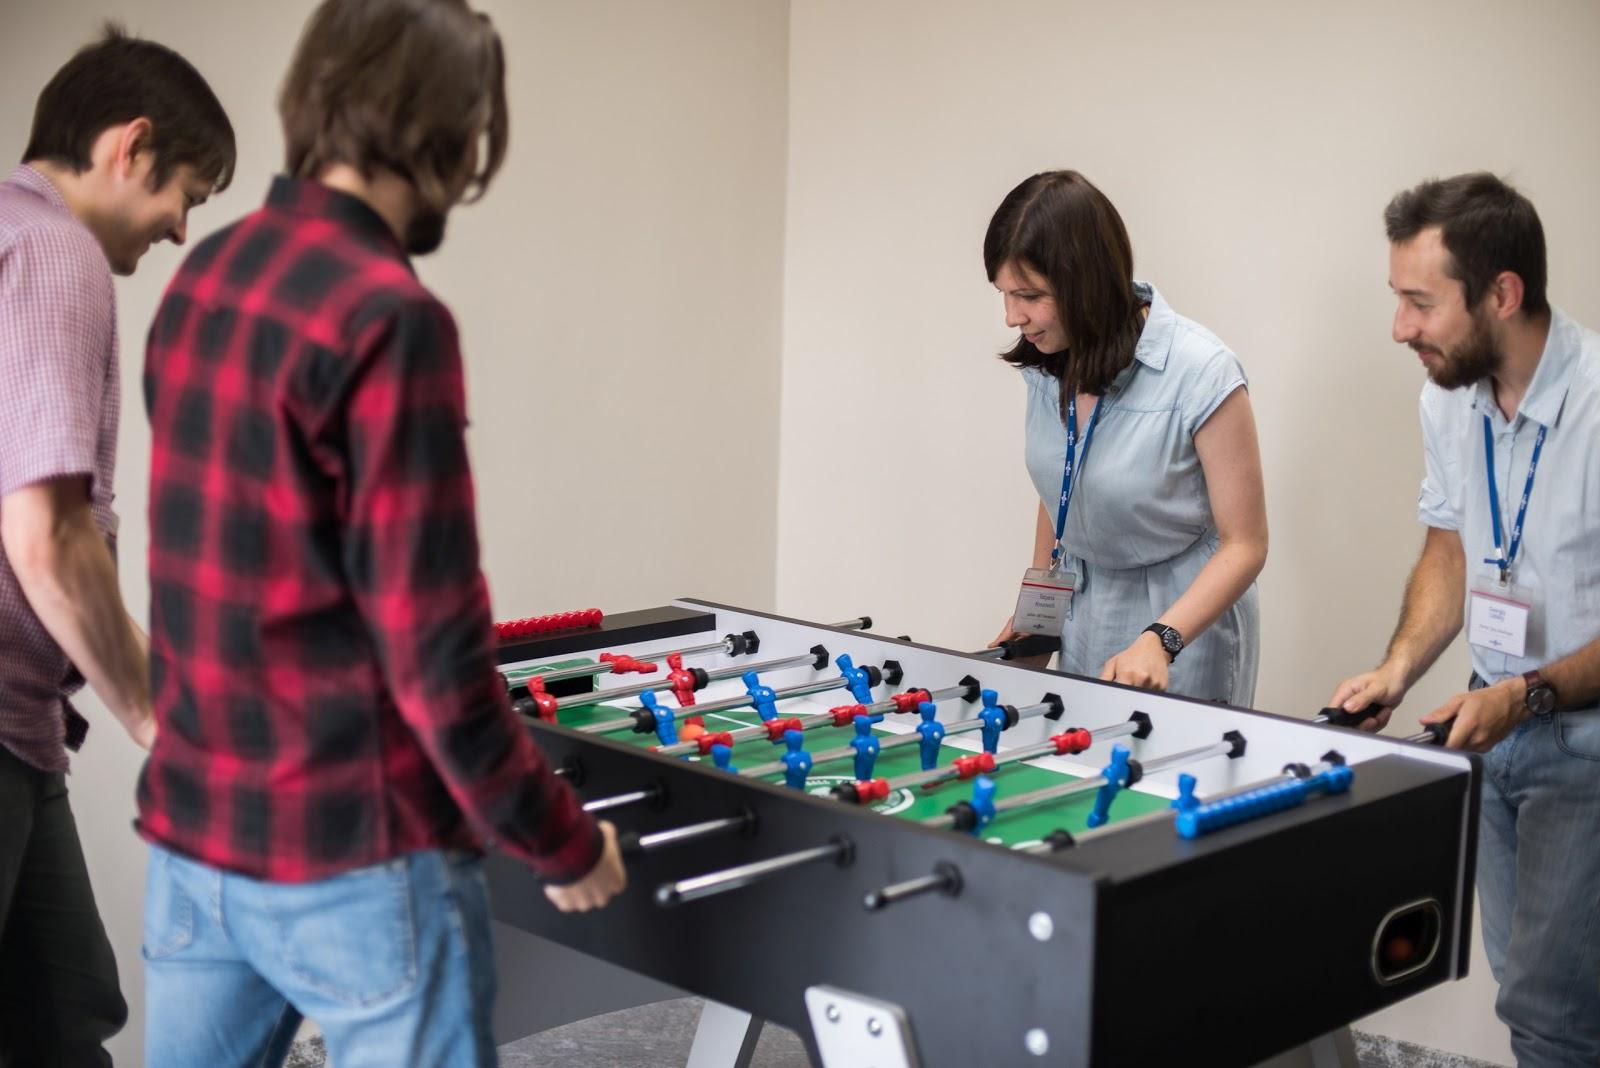 Комфортный офис — помогает работать или мешает и отвлекает? Ответят Sidenis, Alternativa Games и FunBox - 4